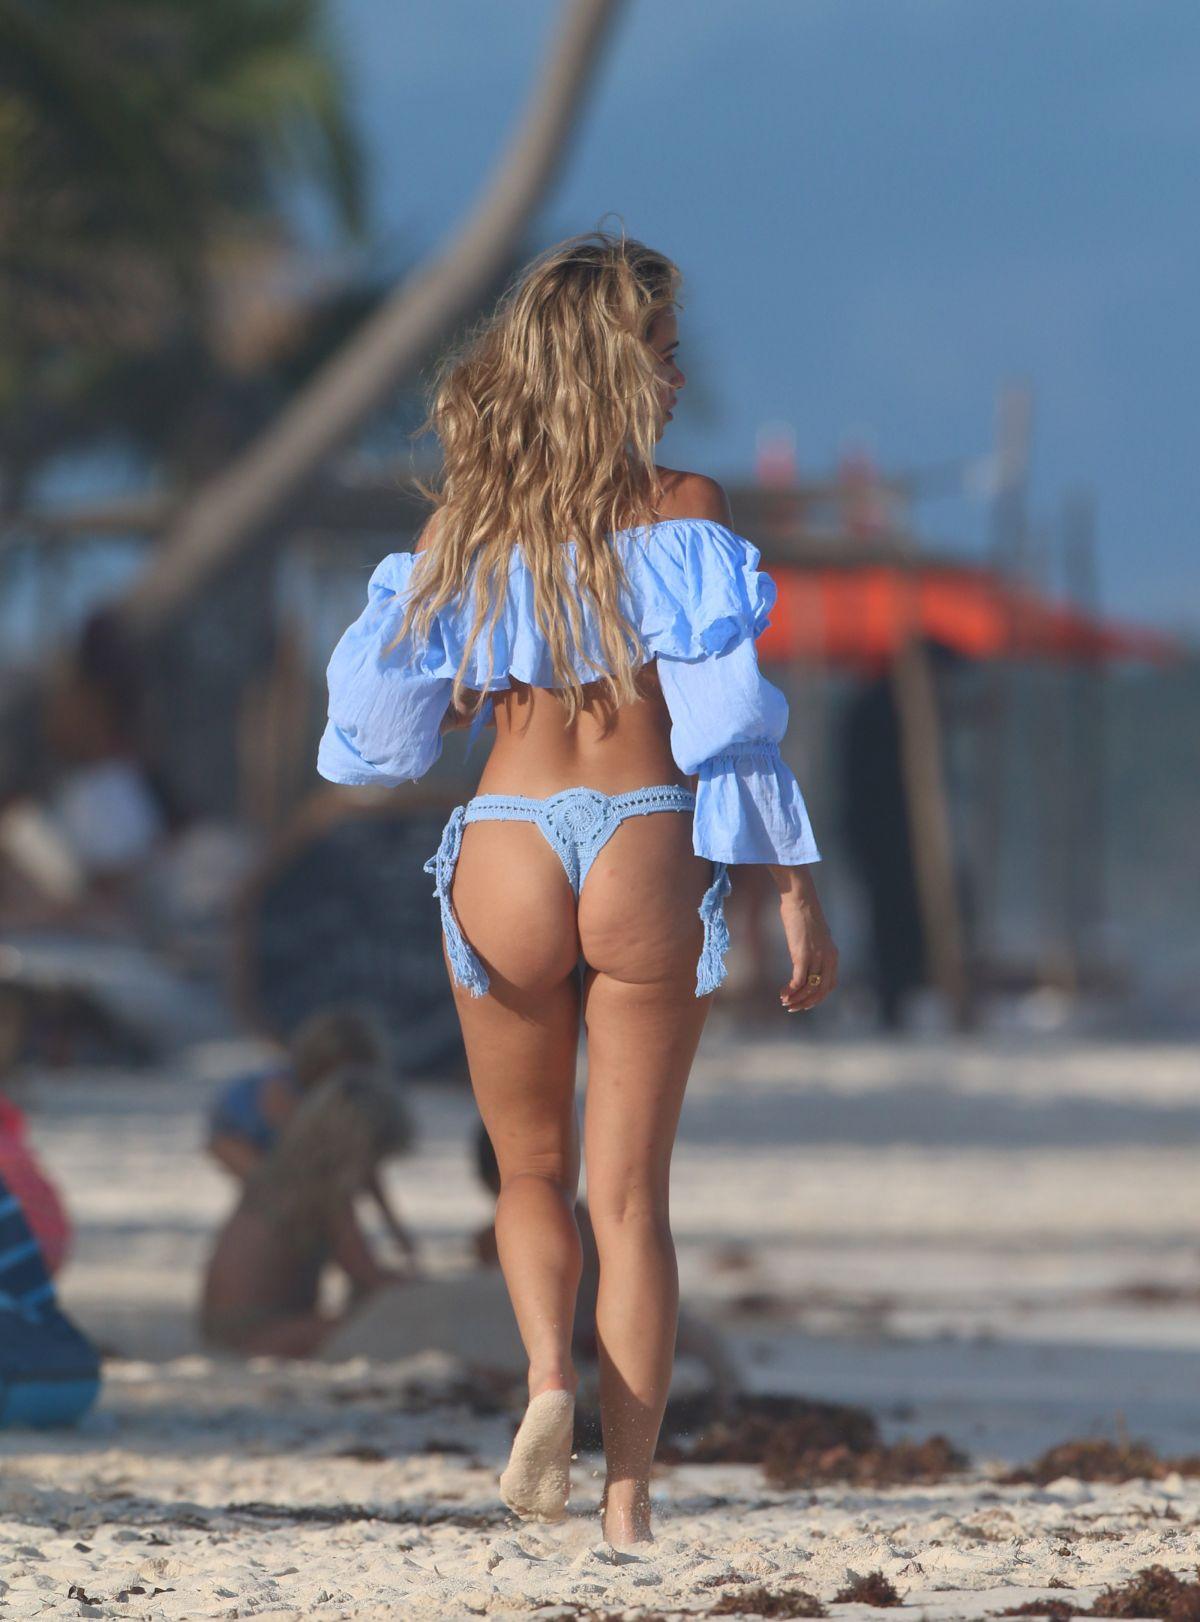 Cindy Prado Fantastic Body In Bikini